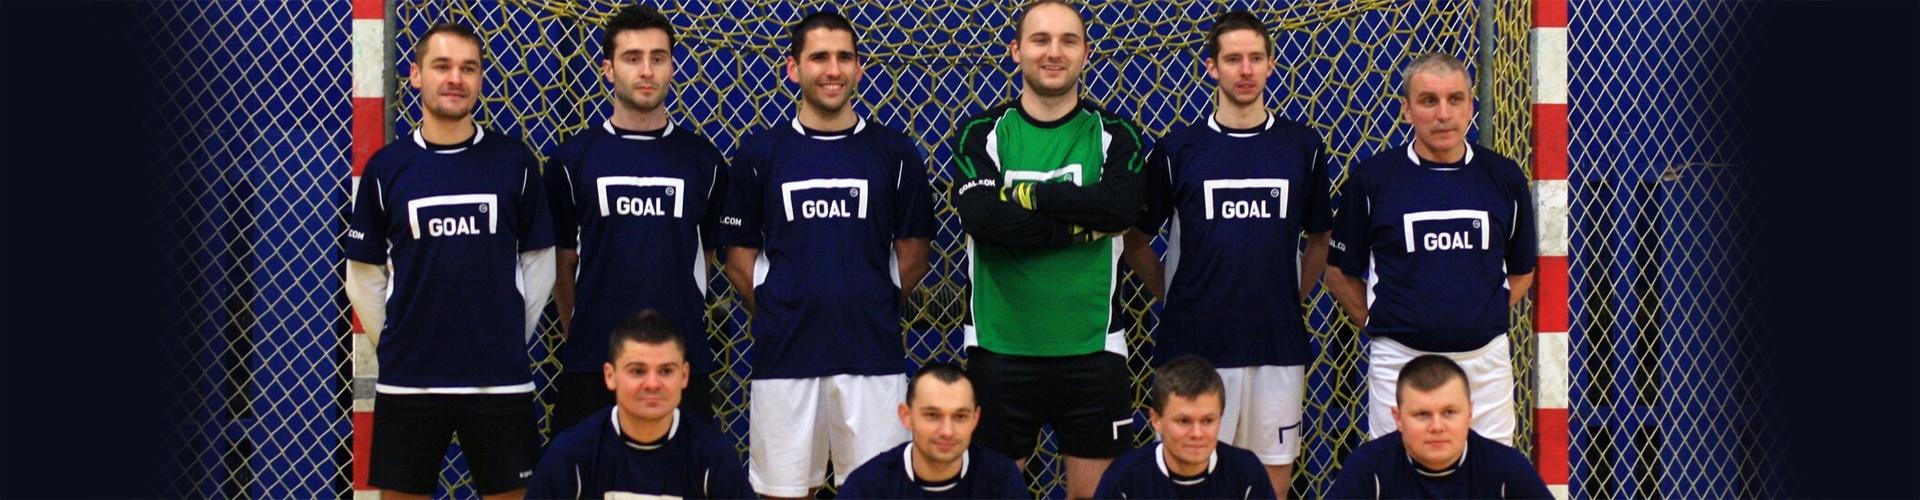 Skład United Team 2015